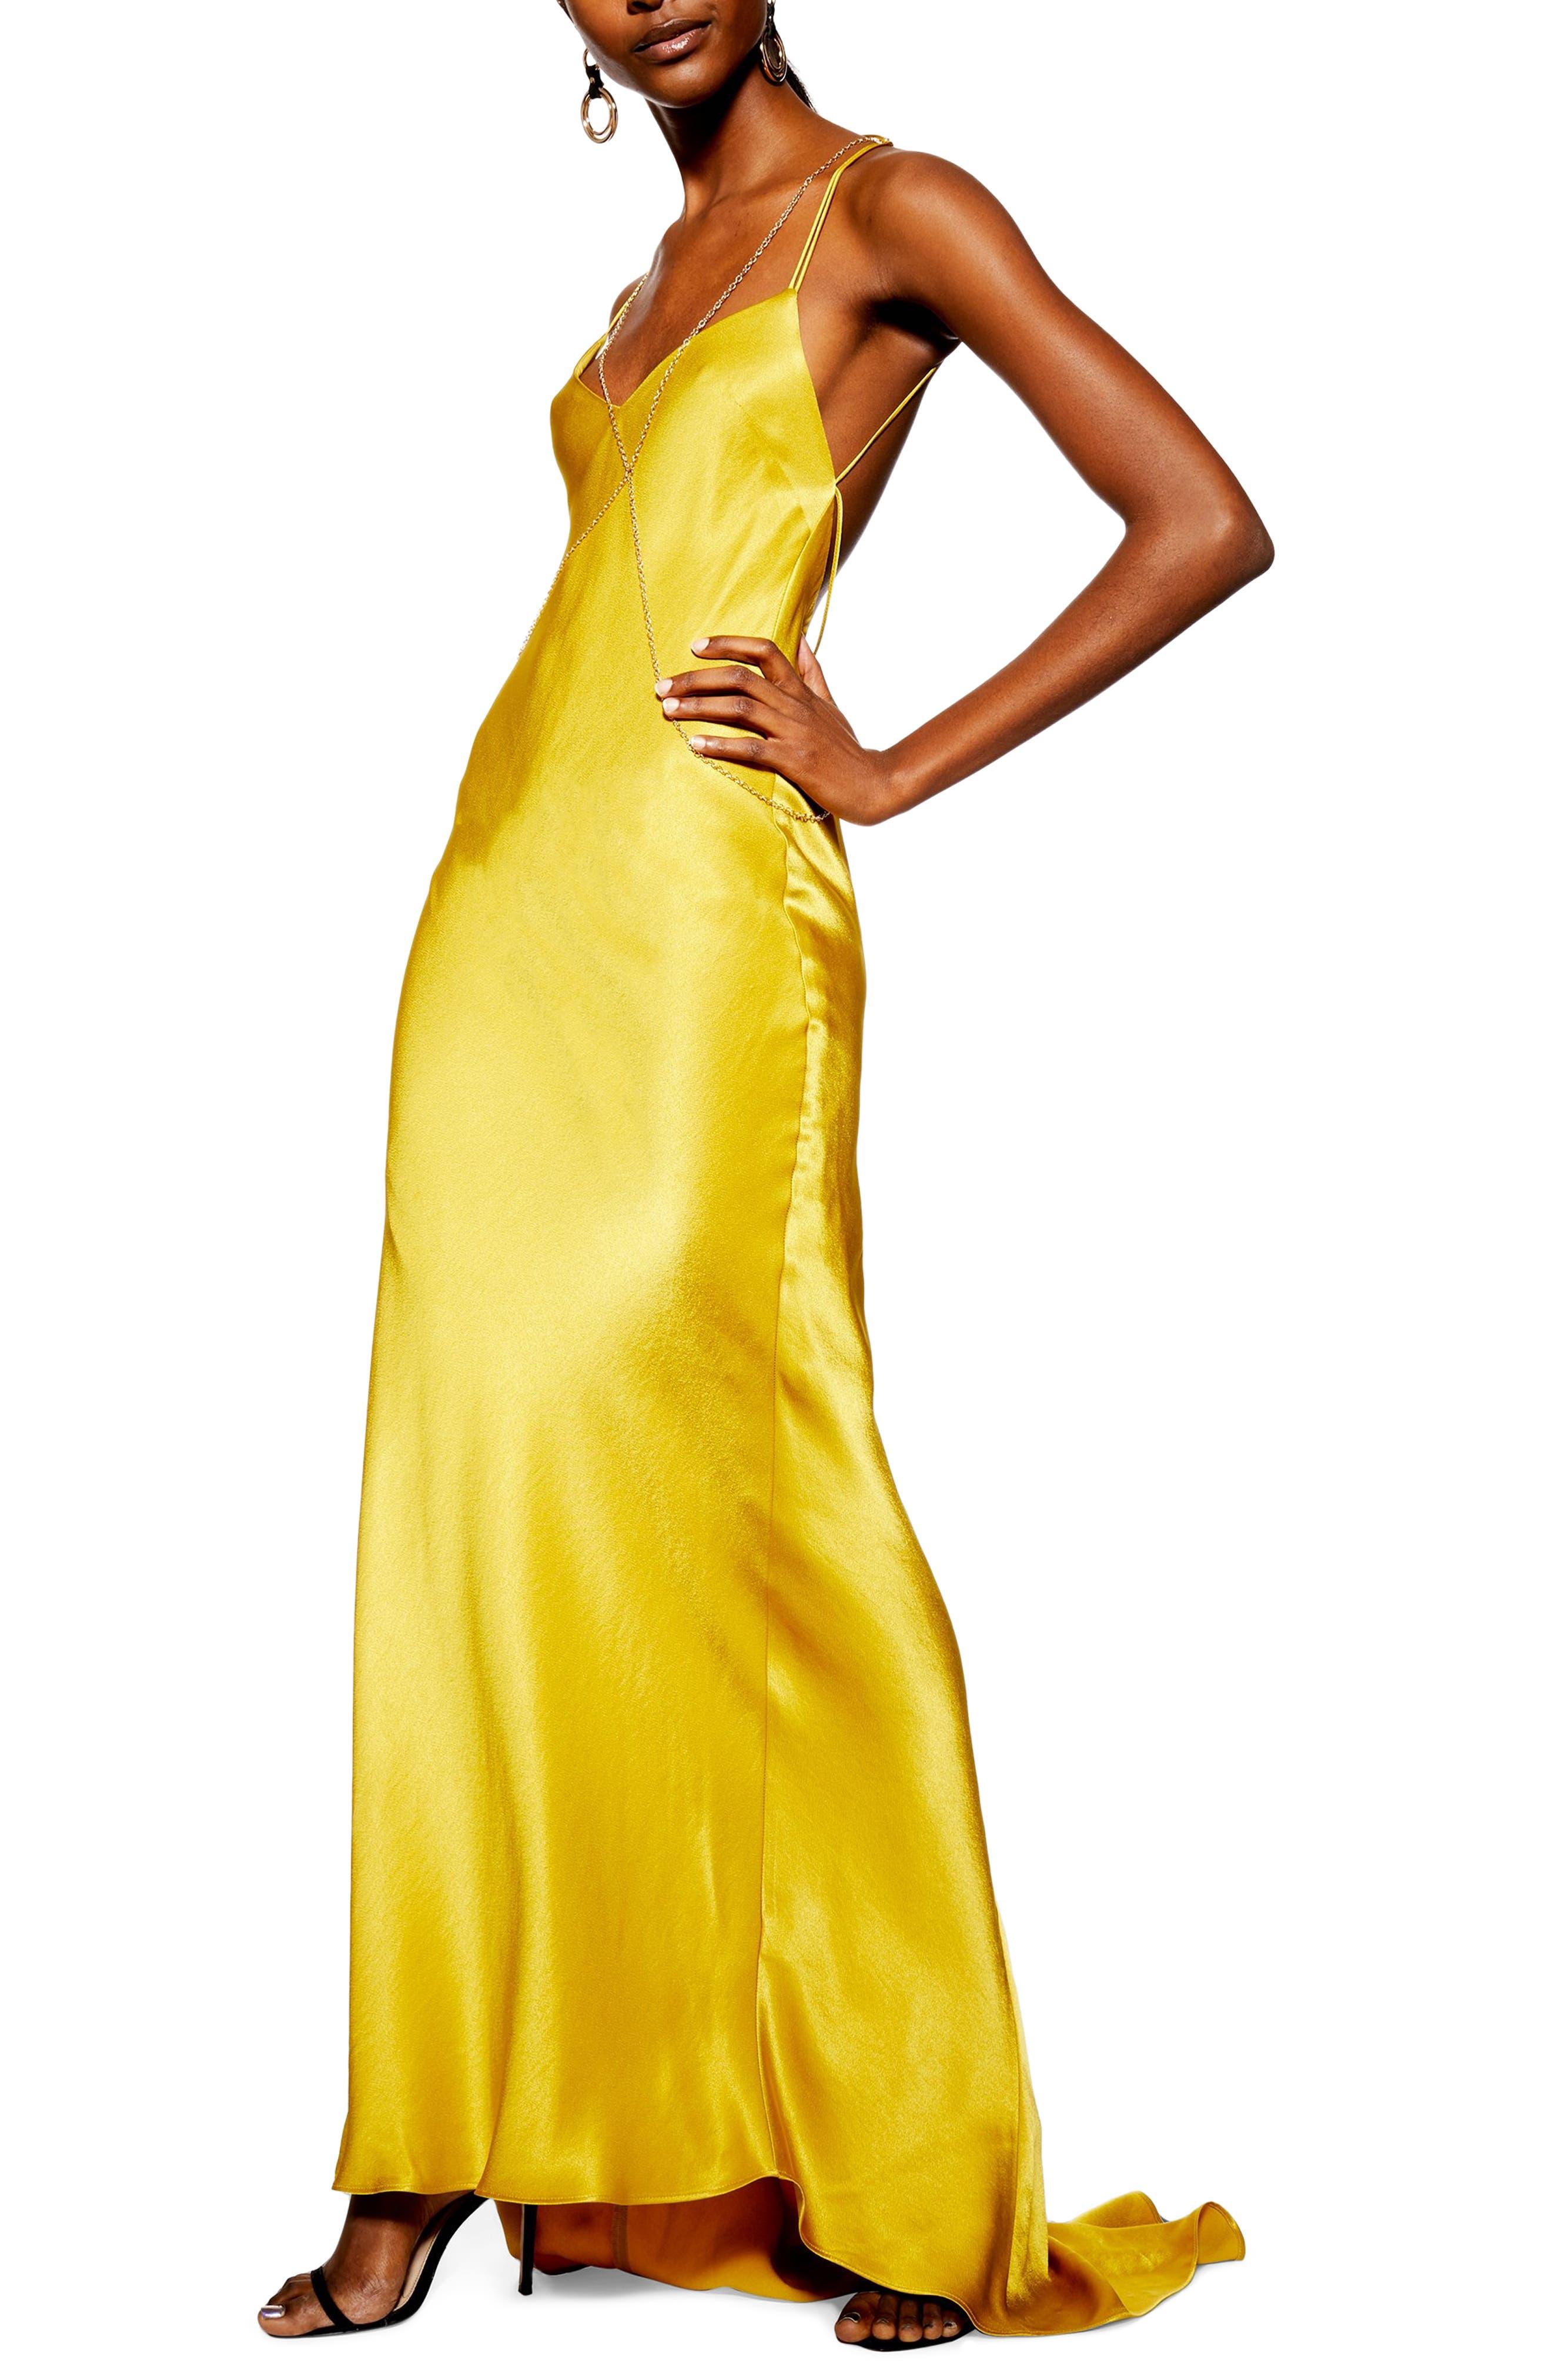 Topshop Chain Satin Maxi Dress, US (fits like 10-12) - Metallic